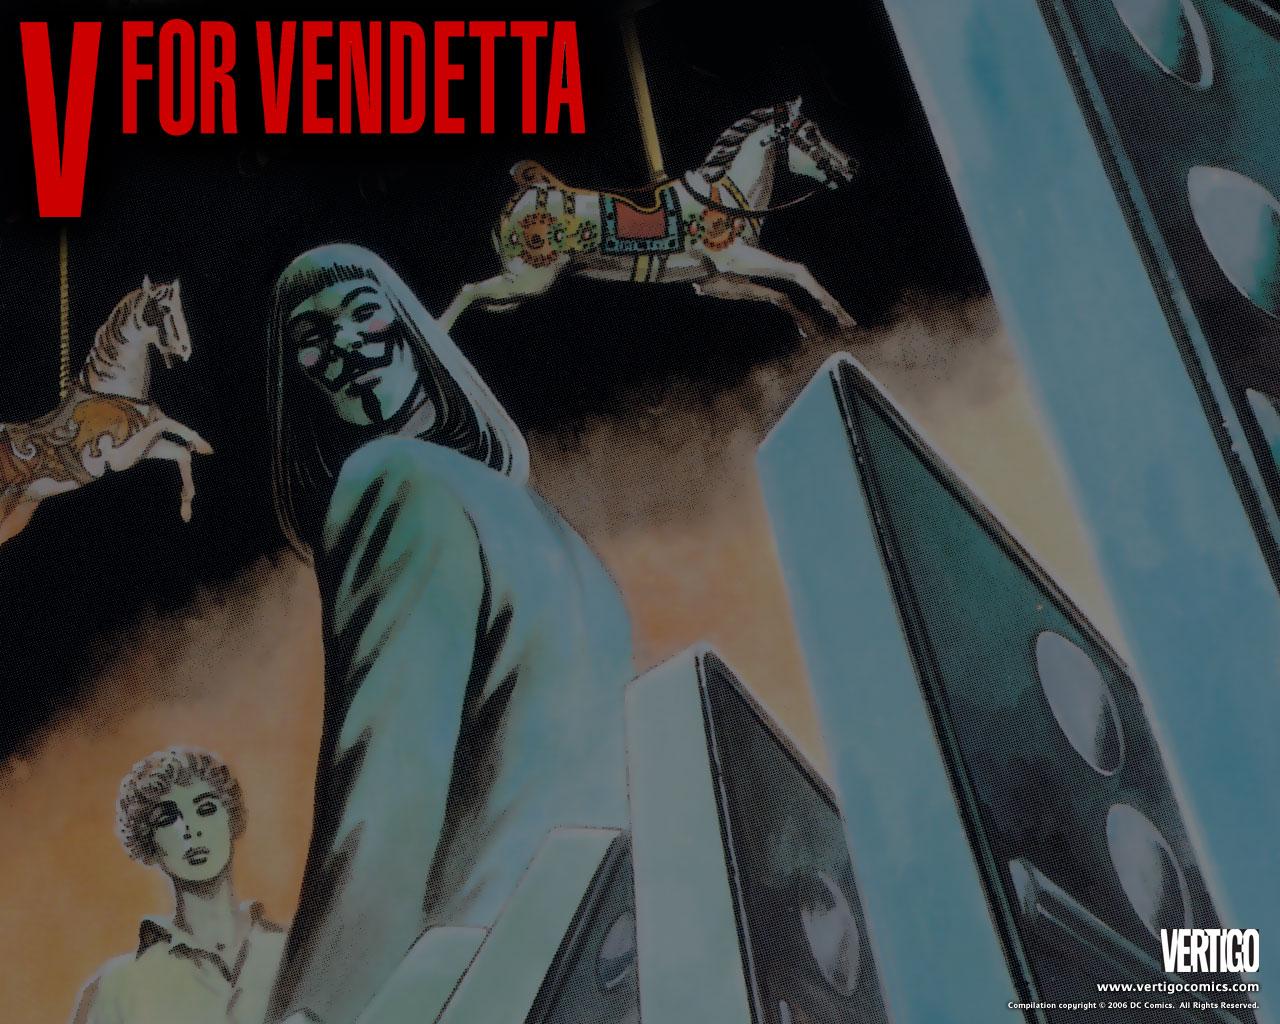 v for vendetta mis en scene V for vendetta superhero case study v for vendetta case study report a problem mise en scene in superhero films.